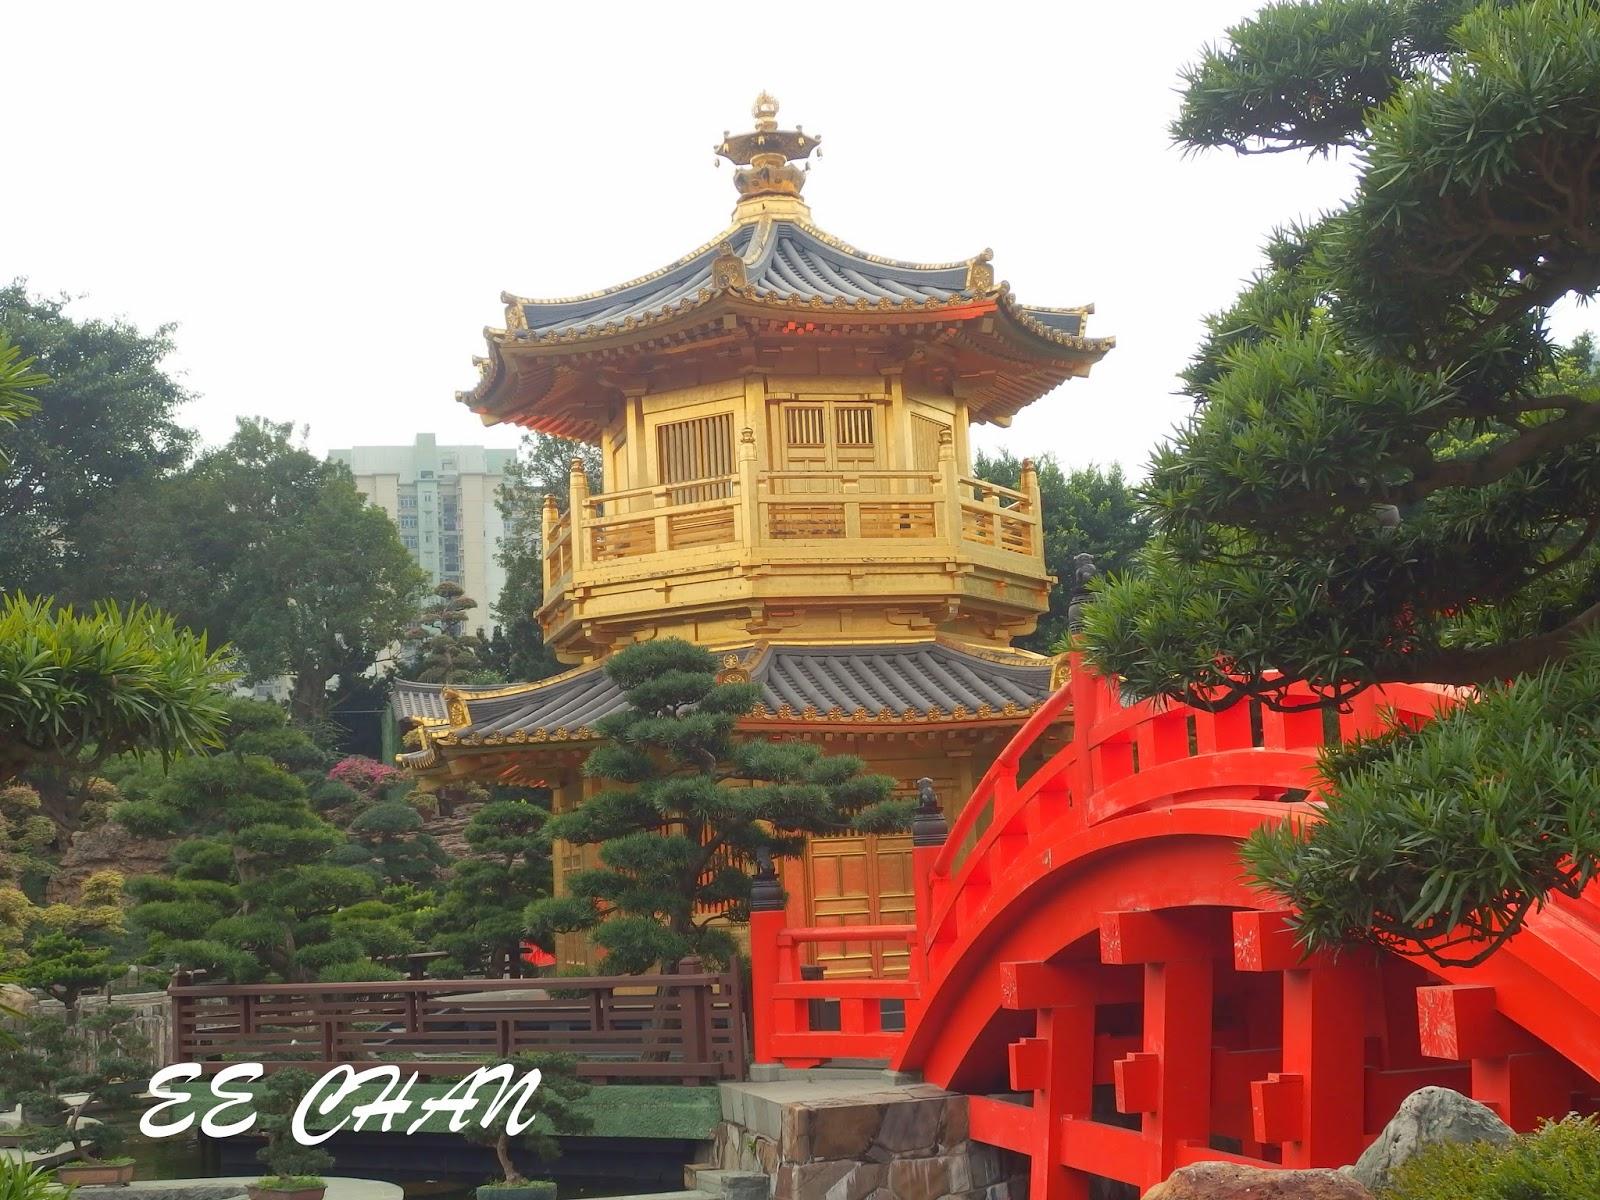 EE Blog: 南蓮園池